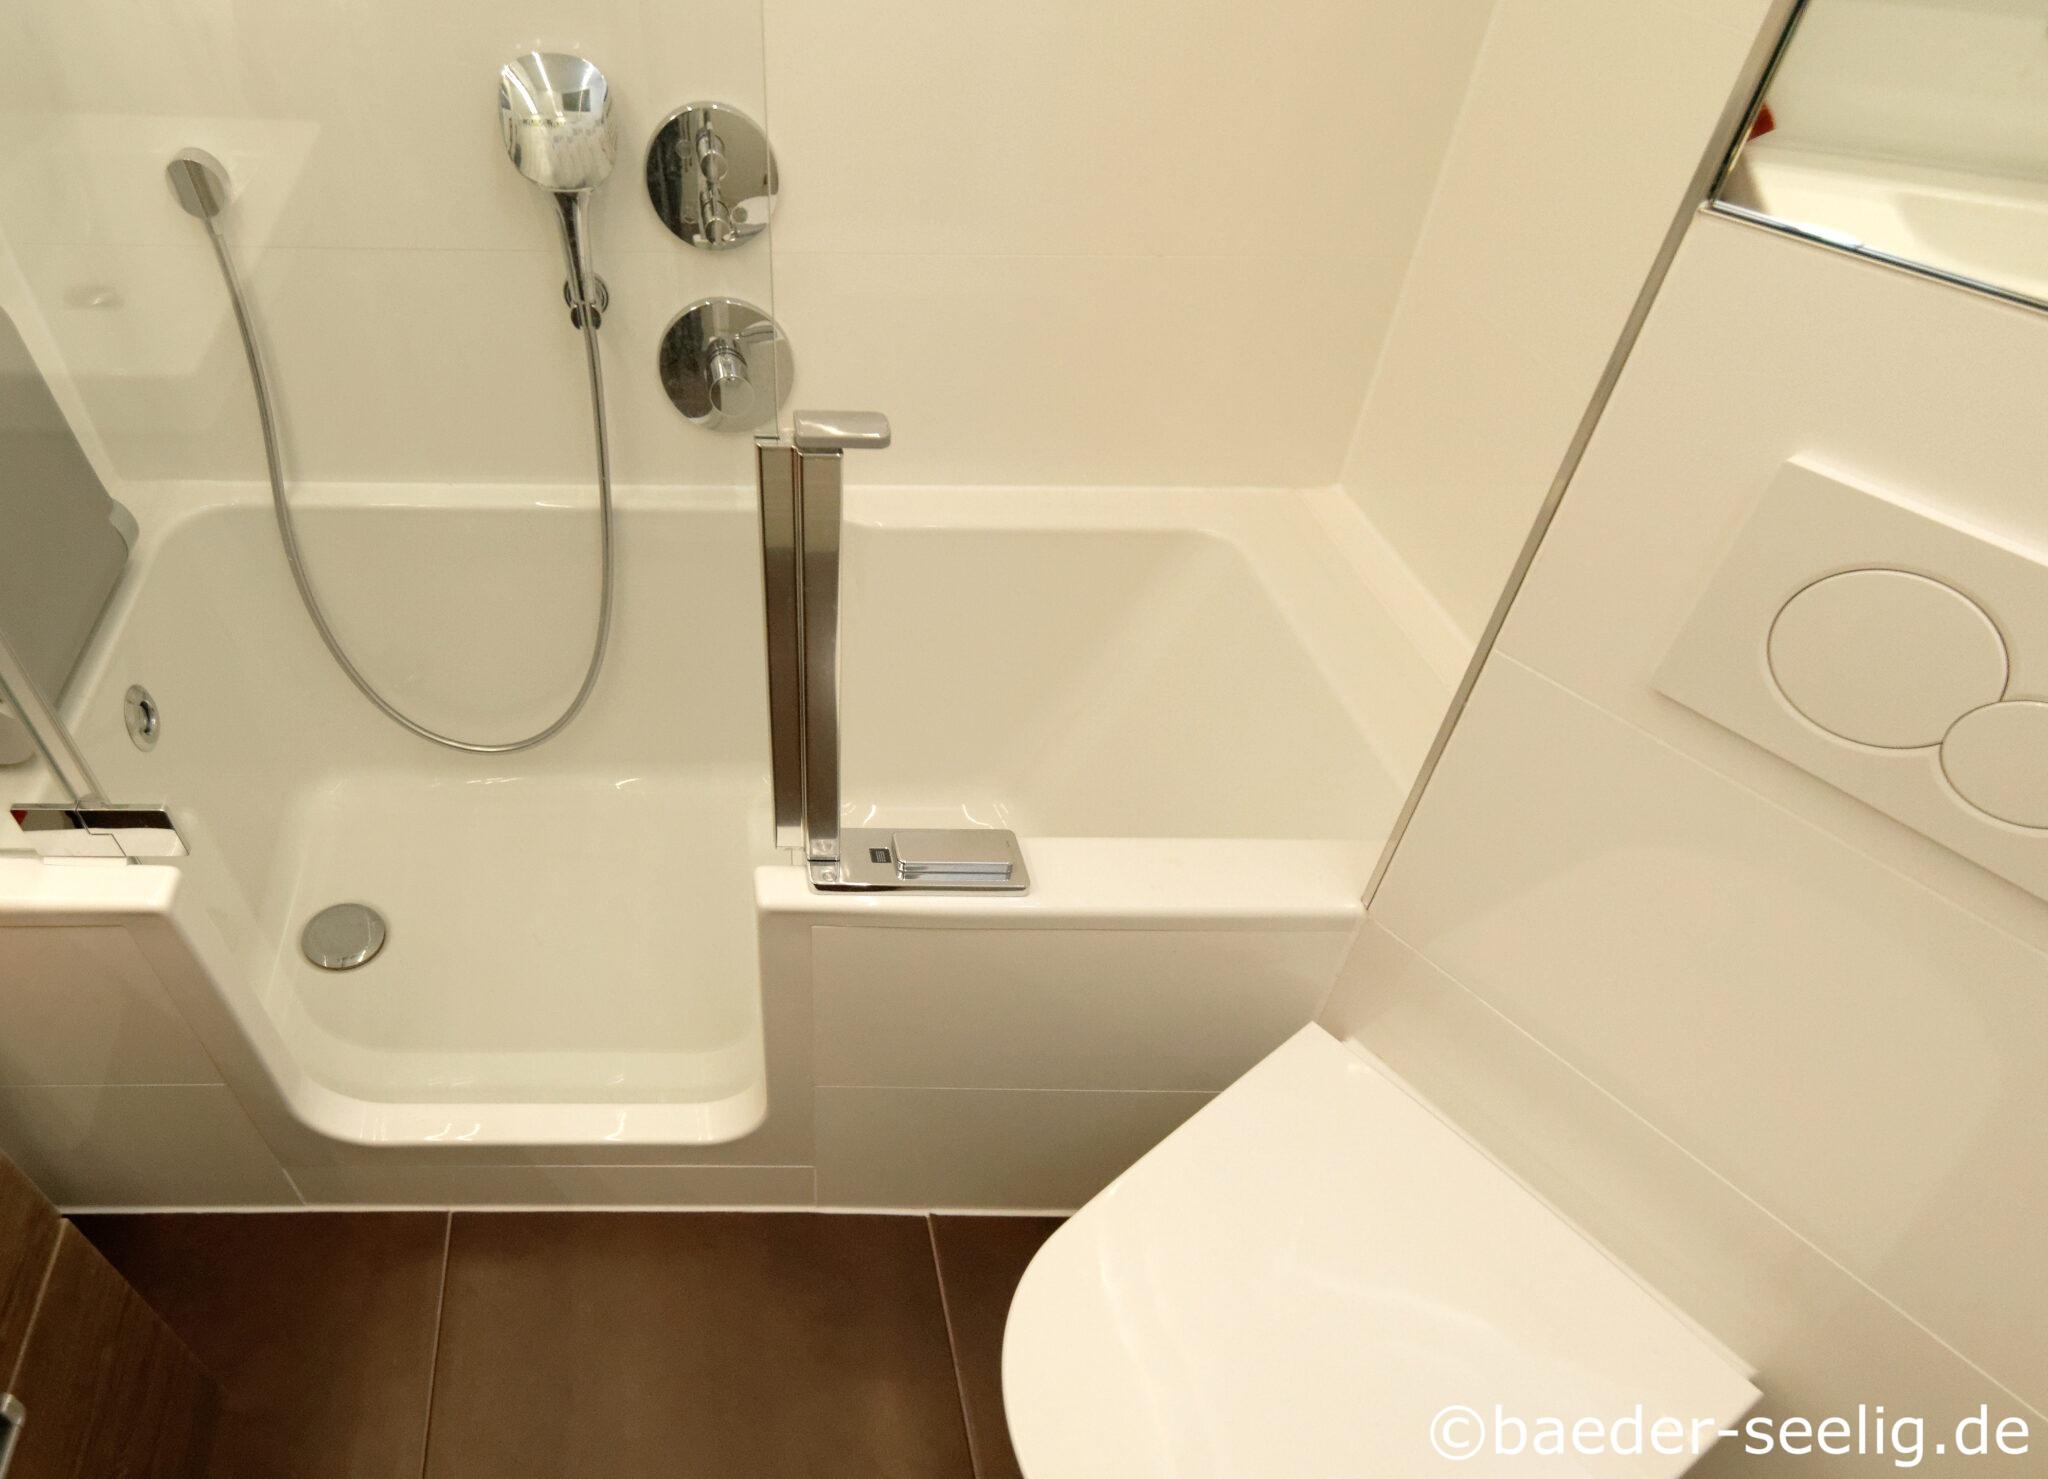 Badsanierung In Barsbuttel 500 Fotos Fur Sie Bader Seelig